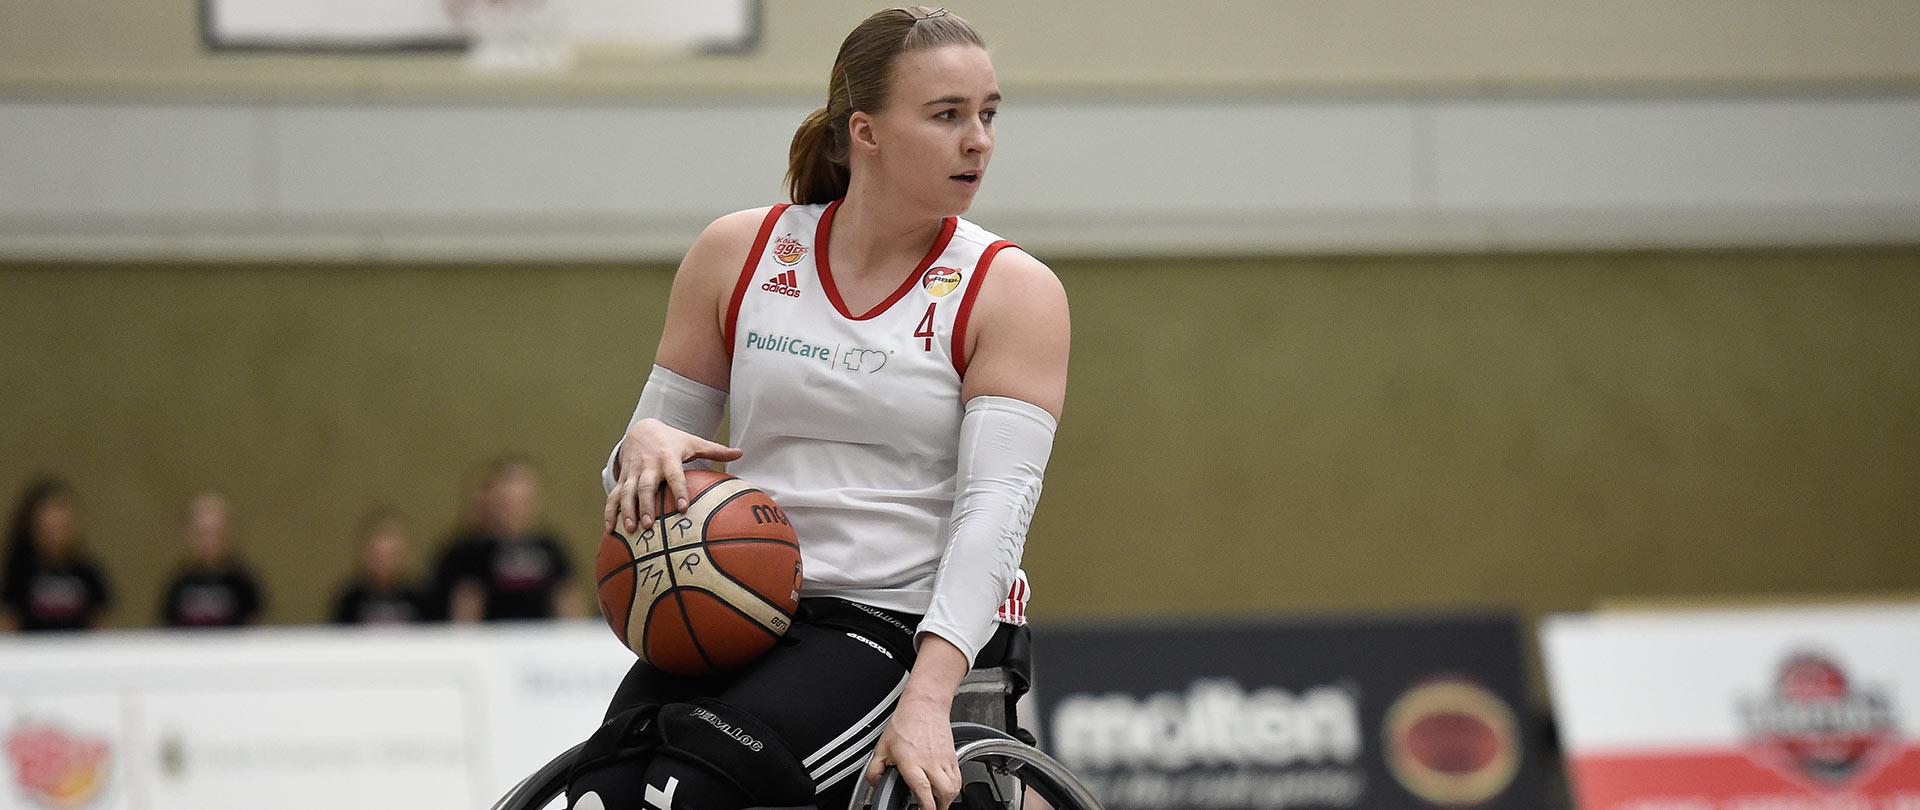 Mareike Miller, Köln 99ers